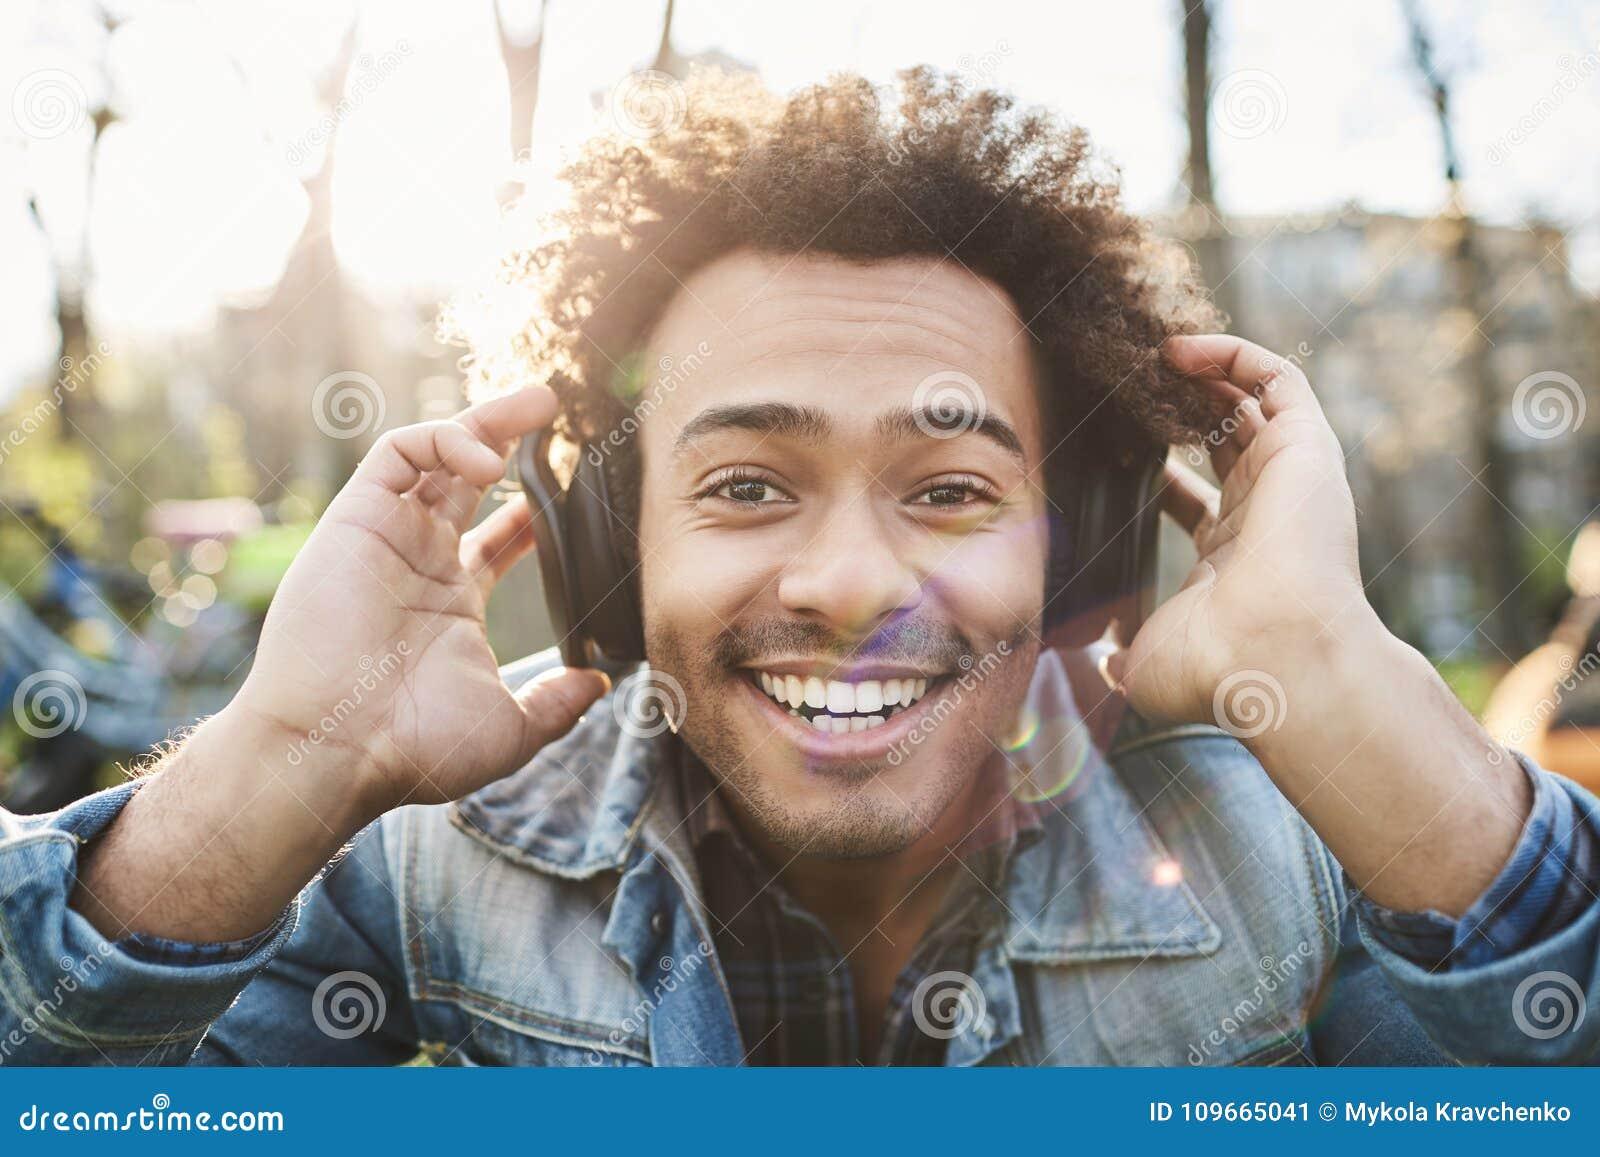 Retrato del hombre de piel morena adulto positivo que sonríe ampliamente mientras que se sienta en parque, escuchando la música e